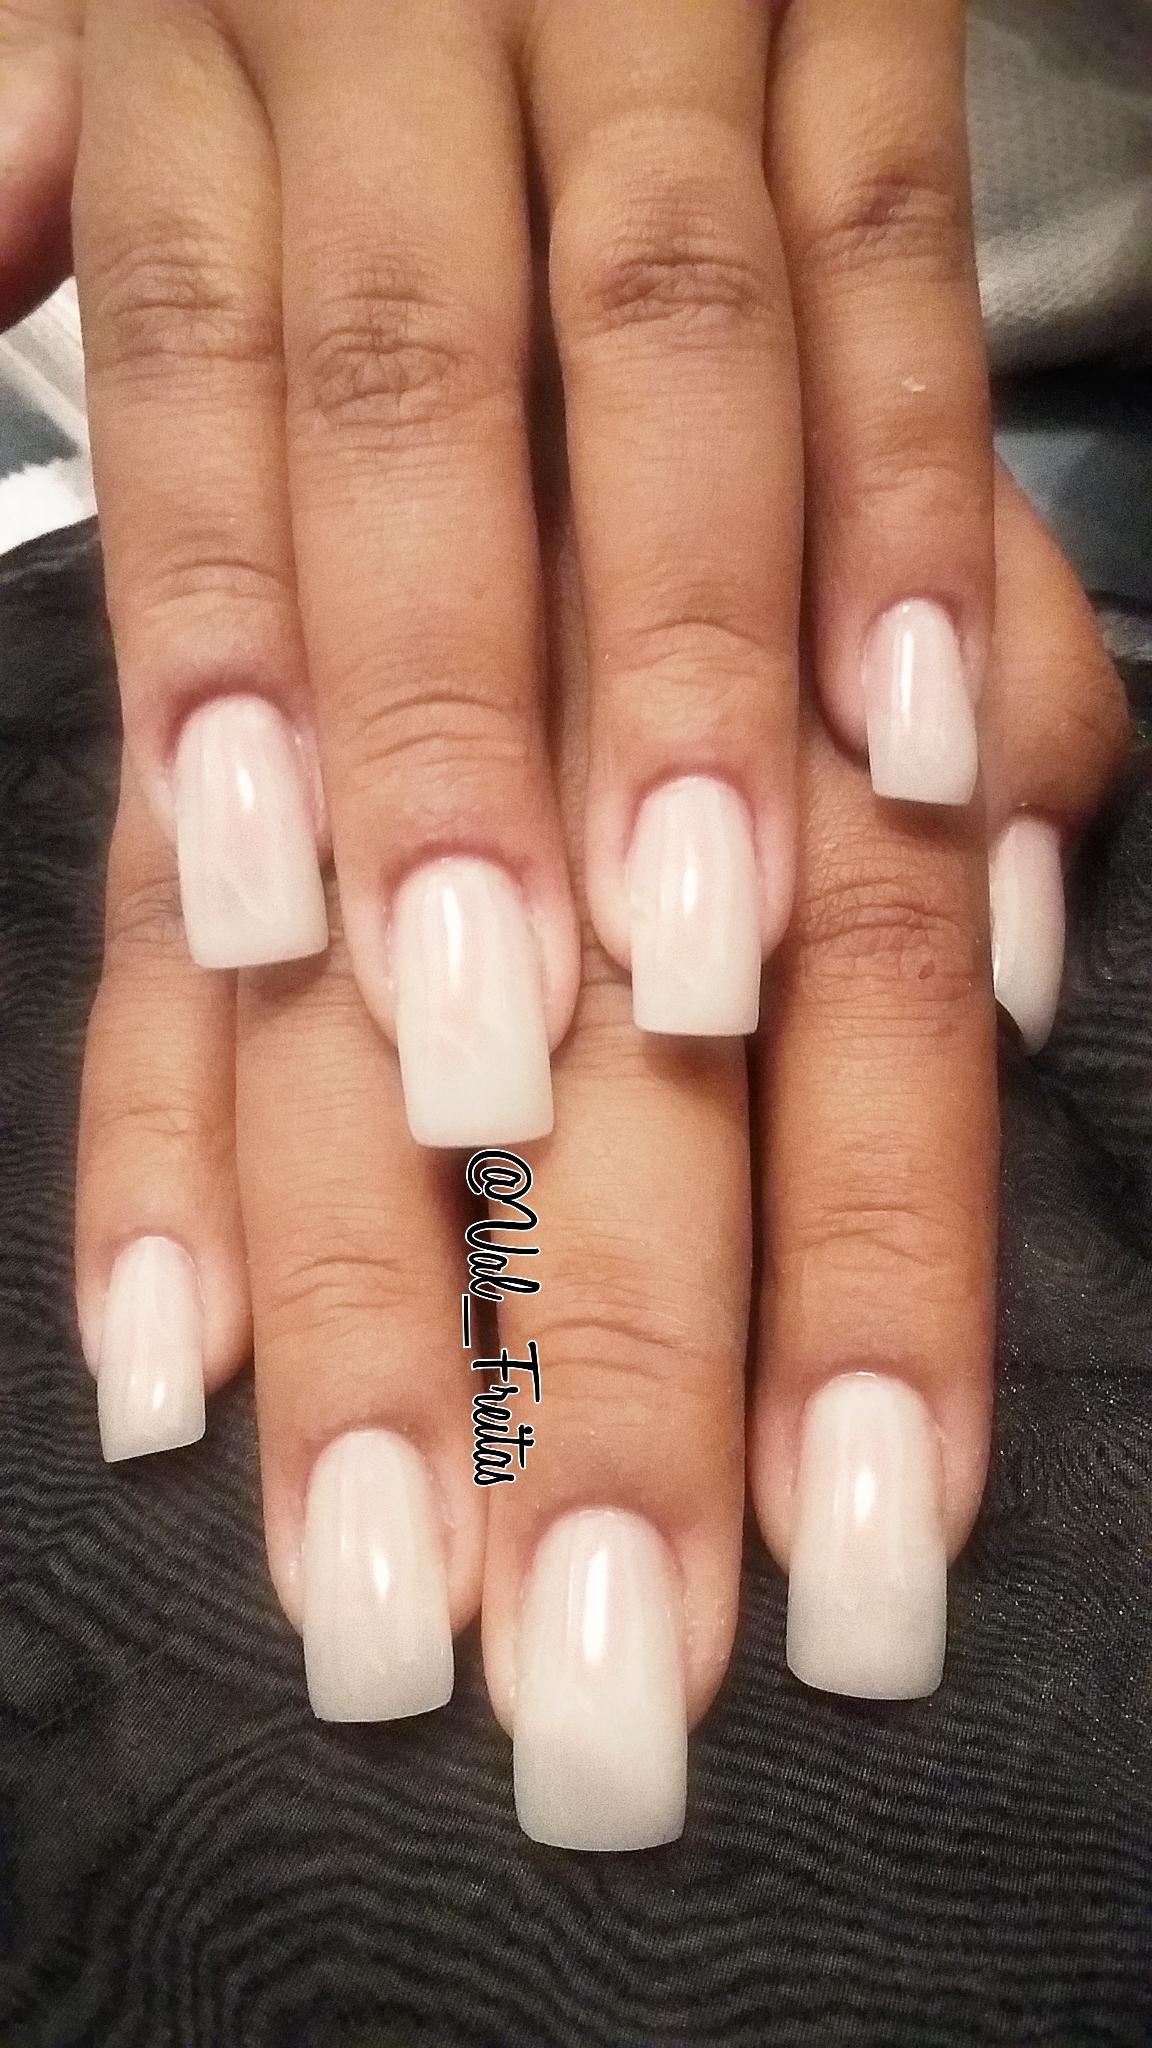 #Acrigel #Perfeição💅 #Resistência  unha manicure e pedicure designer de sobrancelhas